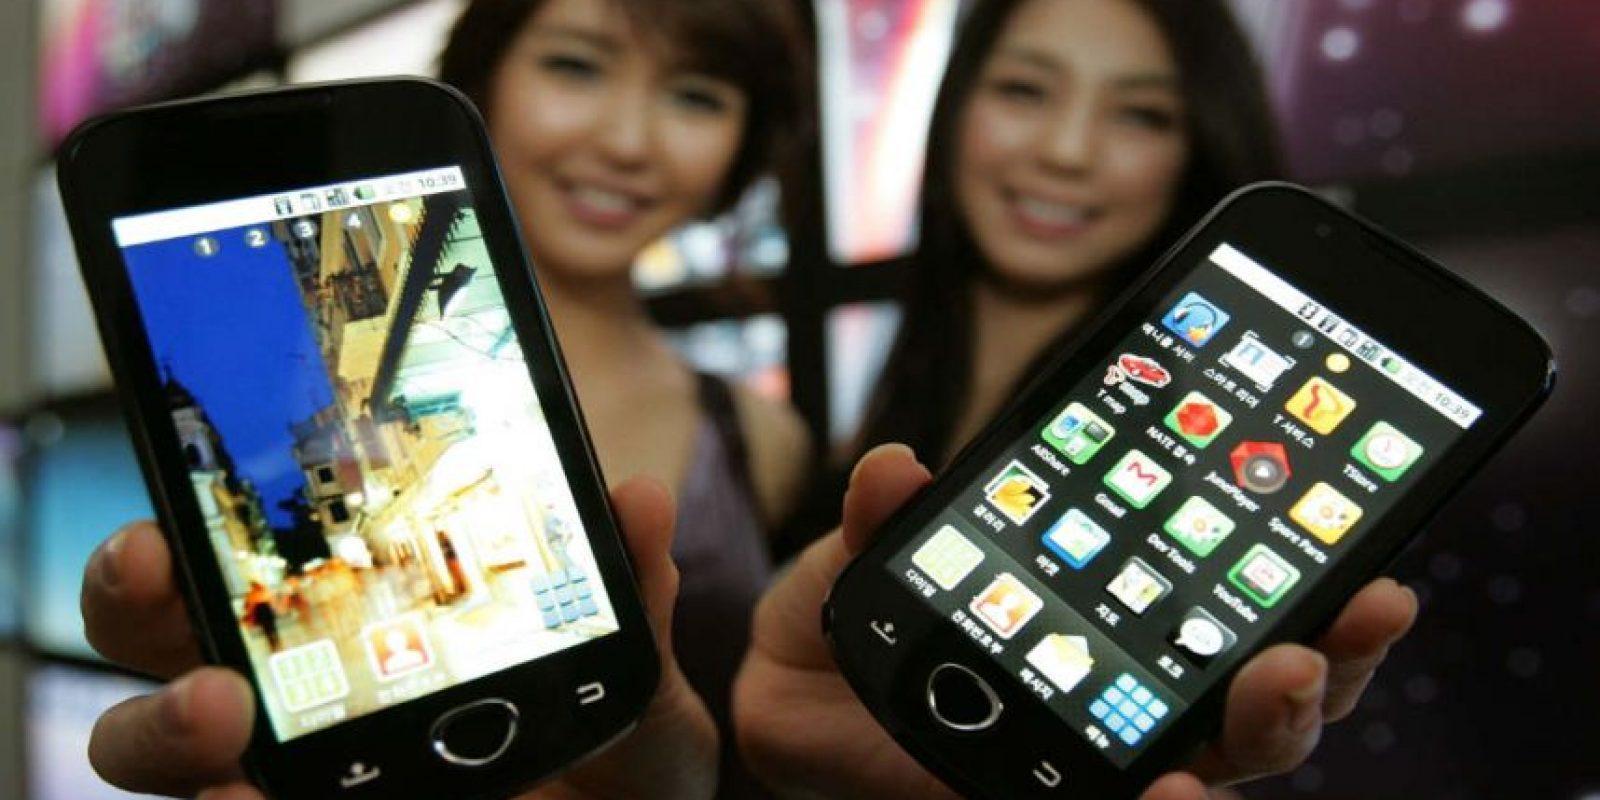 E incluso modificarlo, a diferencia de iOS que es un sistema cerrado. Foto:Getty Images